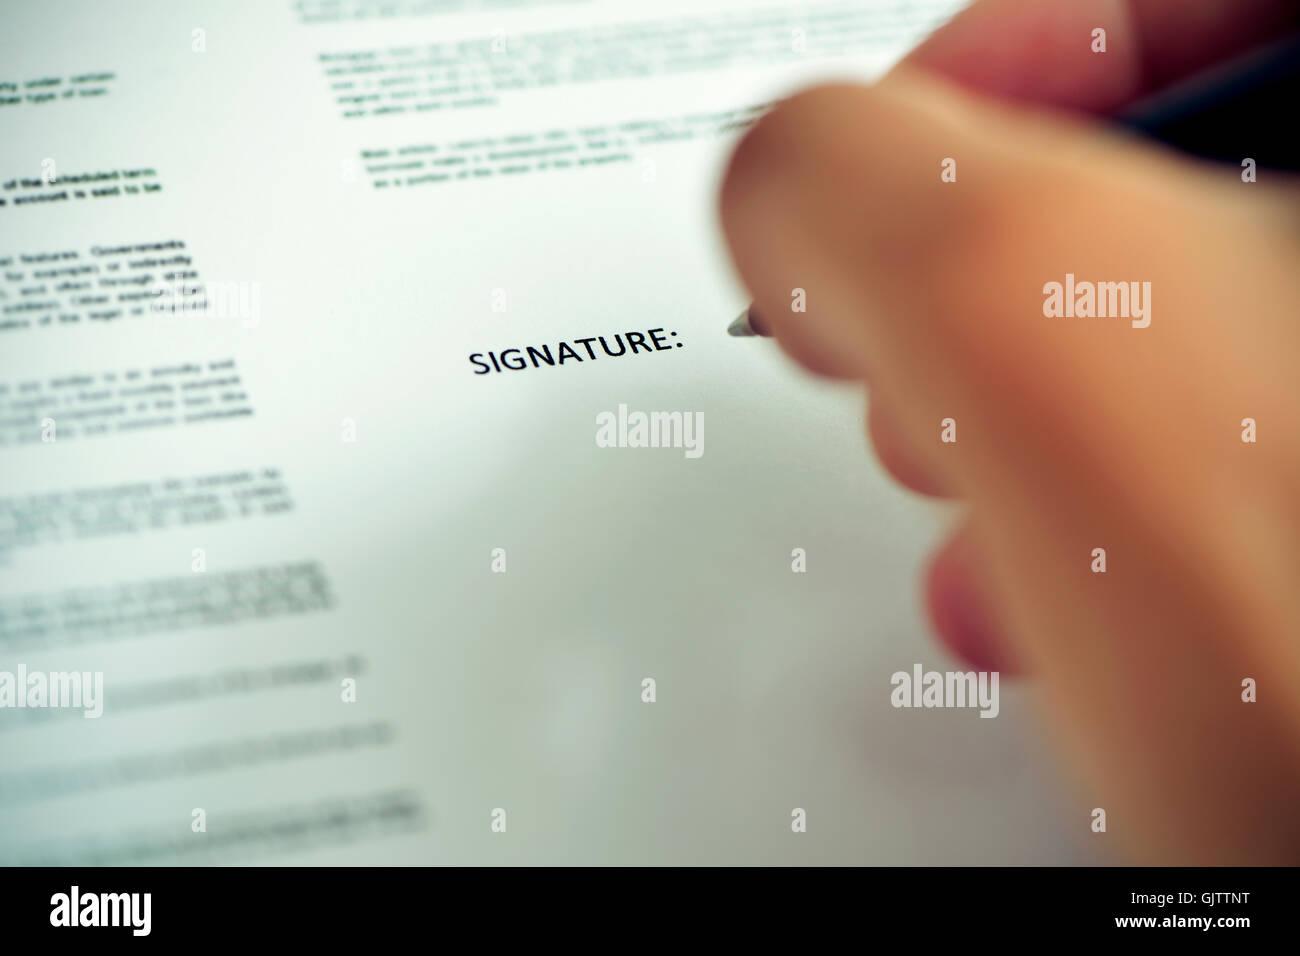 Nahaufnahme eines kaukasischen Jünglings zu signieren eines Dokuments mit einem Stift unter dem Wort Signatur Stockbild